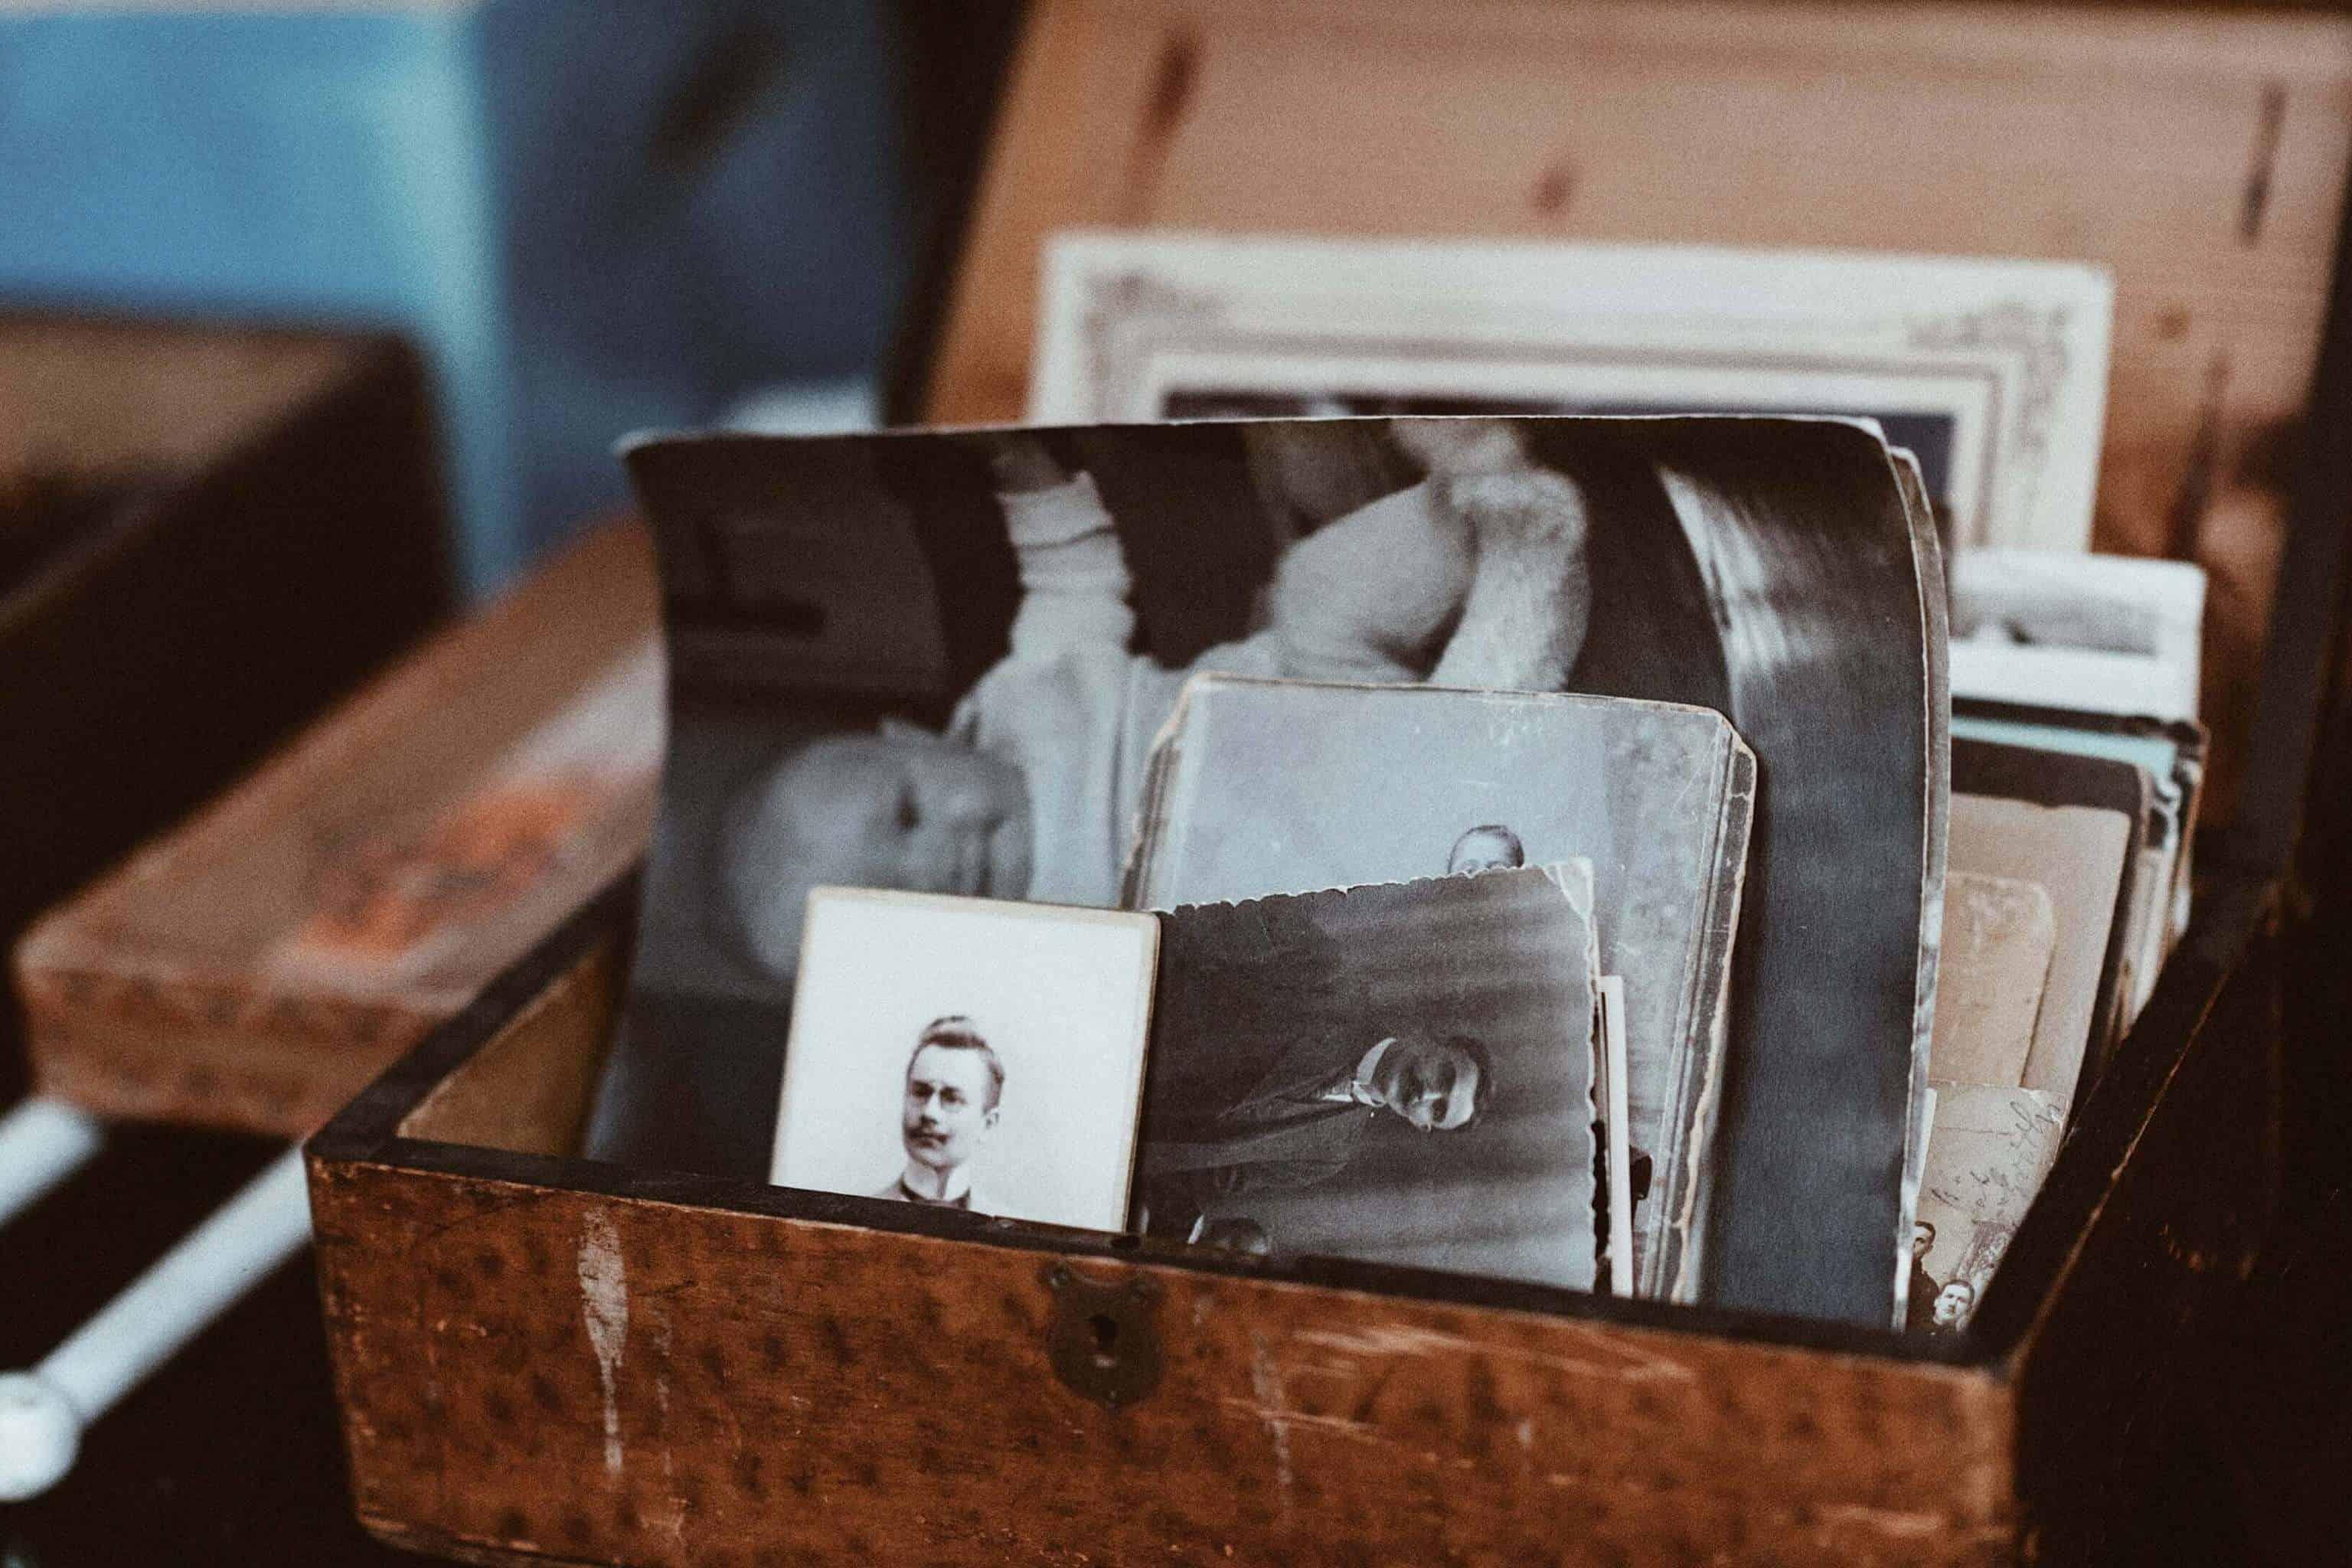 Fotos in einem Behälter